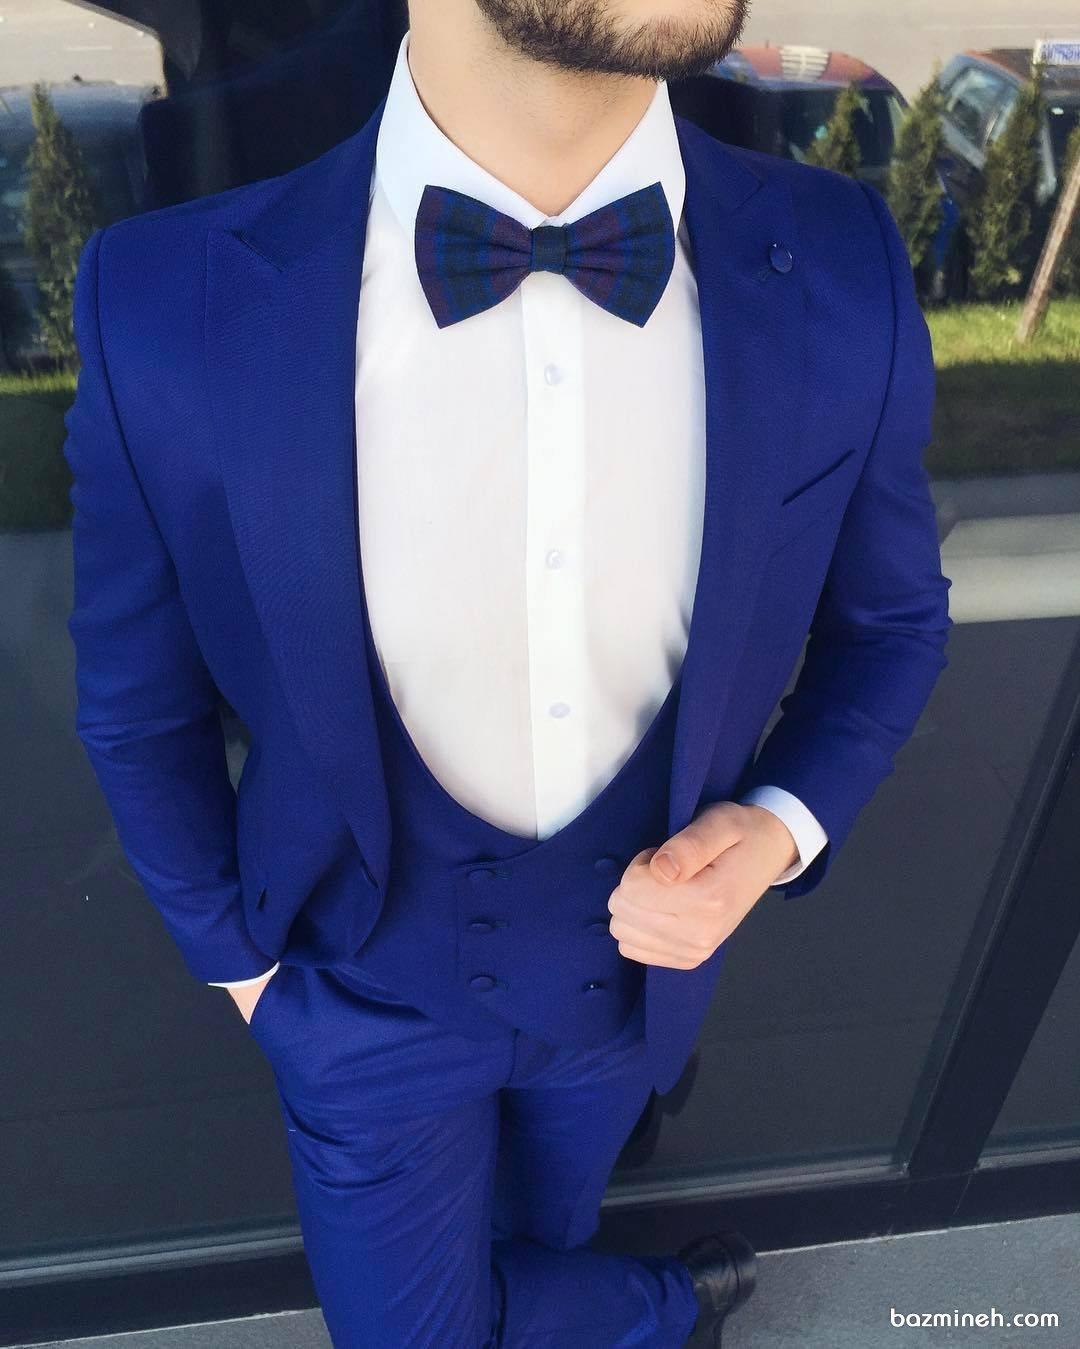 ست کت و شلوار دامادی به رنگ آبی لاجوردی مناسب برای دامادهای خوش تیپ در مراسم خواستگاری یا نامزدی